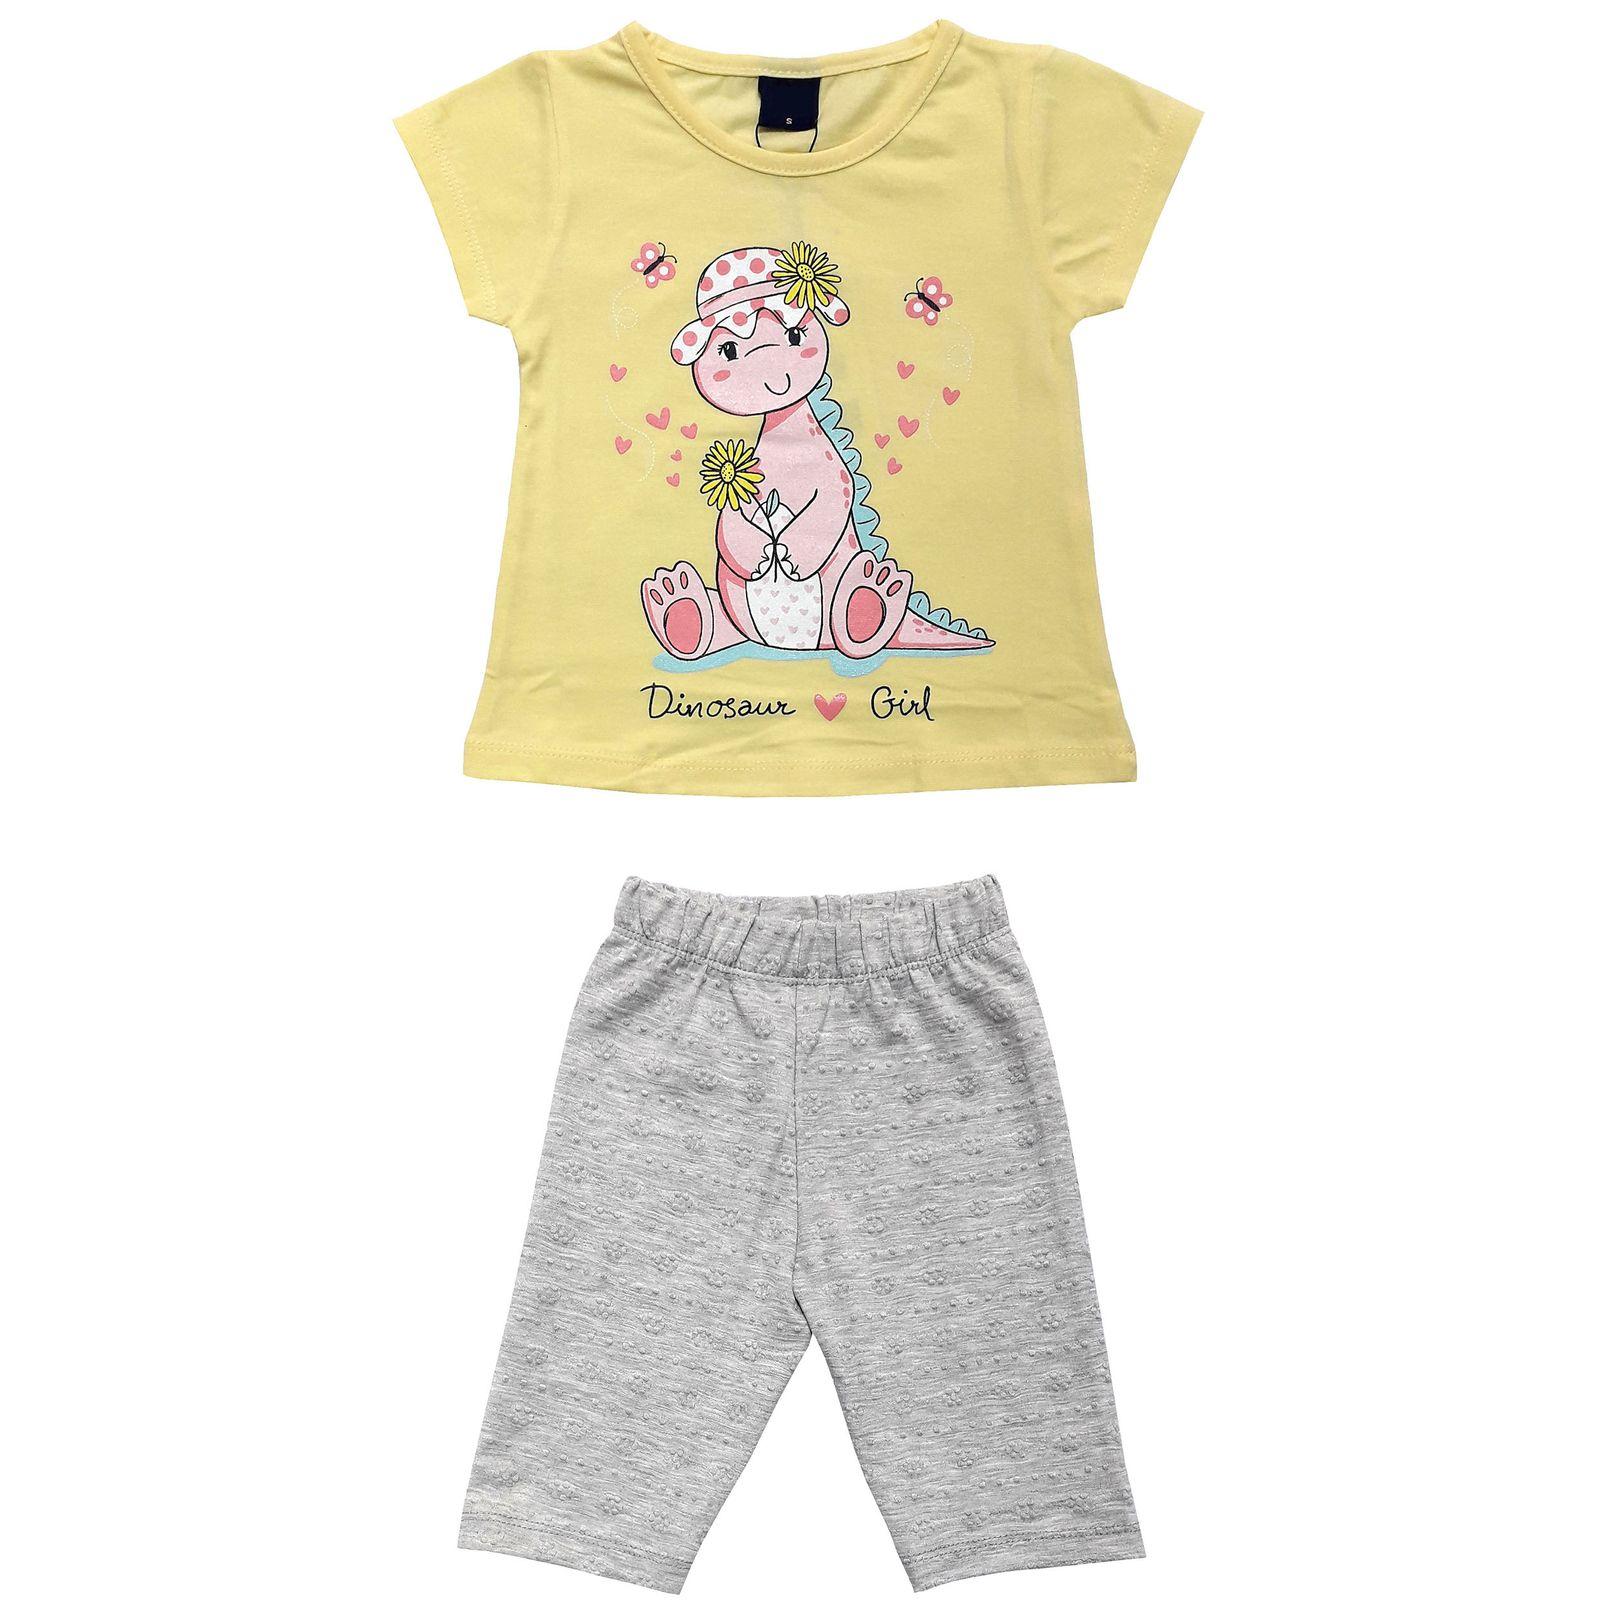 ست تی شرت و شلوارک دخترانه کد 7787911 -  - 3